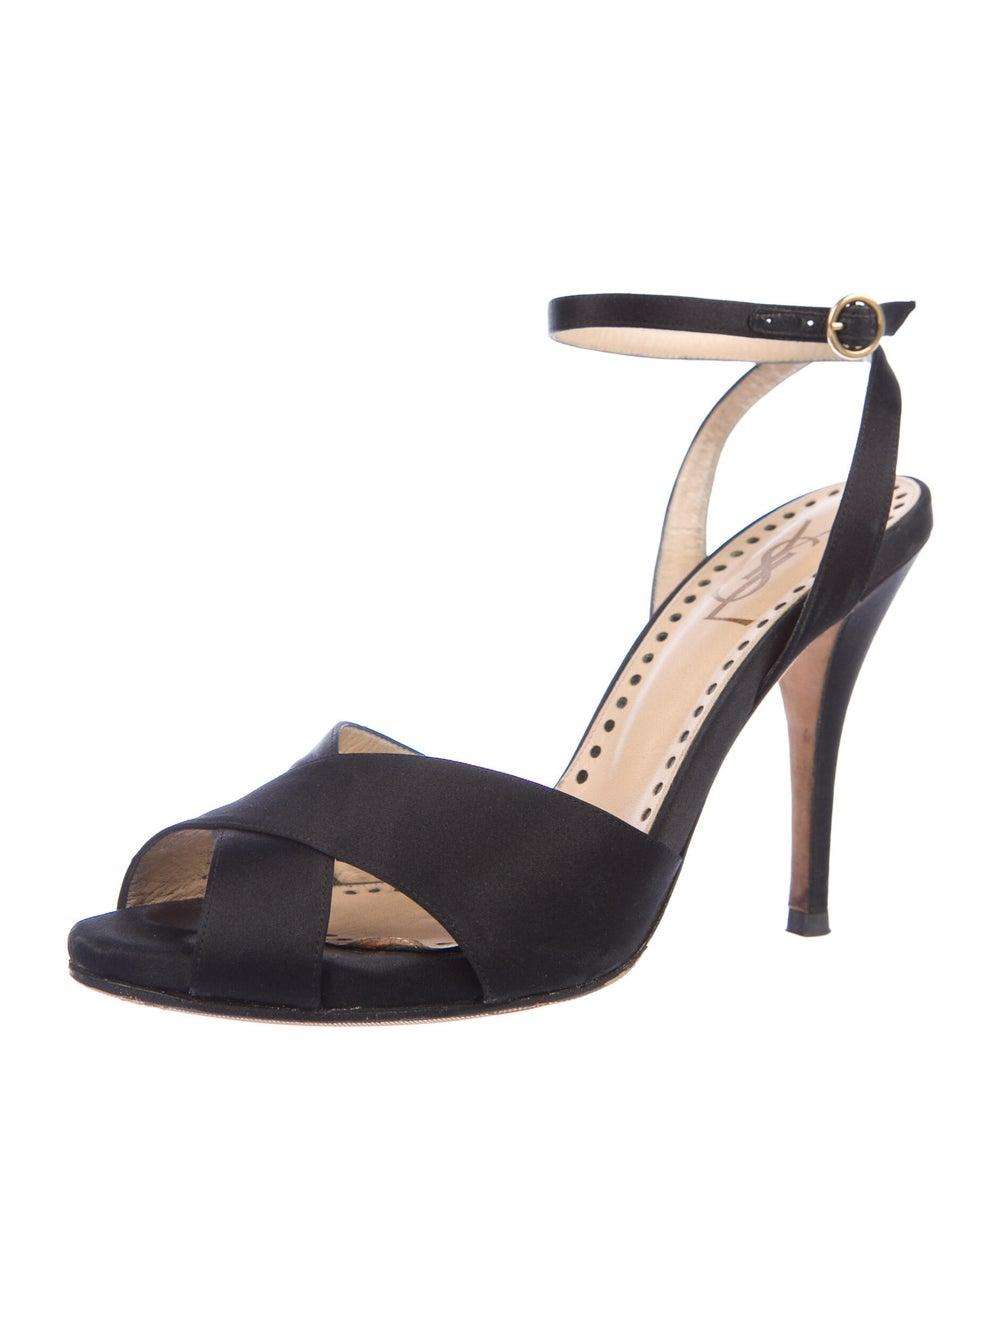 Yves Saint Laurent Rive Gauche Sandals Black - image 2